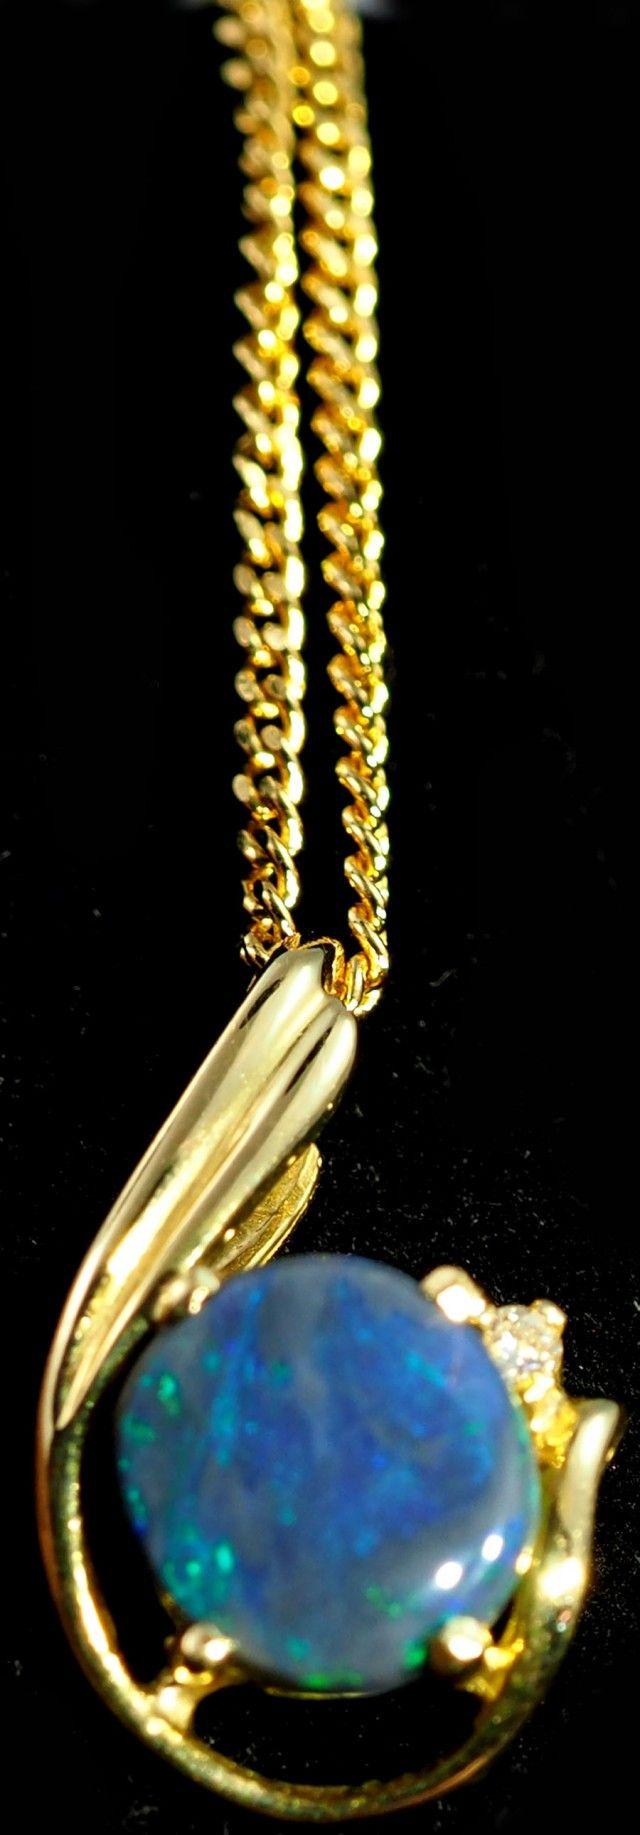 Gold Black Opal Pendants 6 x 4 x 1.5mm 0.85 carats Auction #651922 Opal Auctions